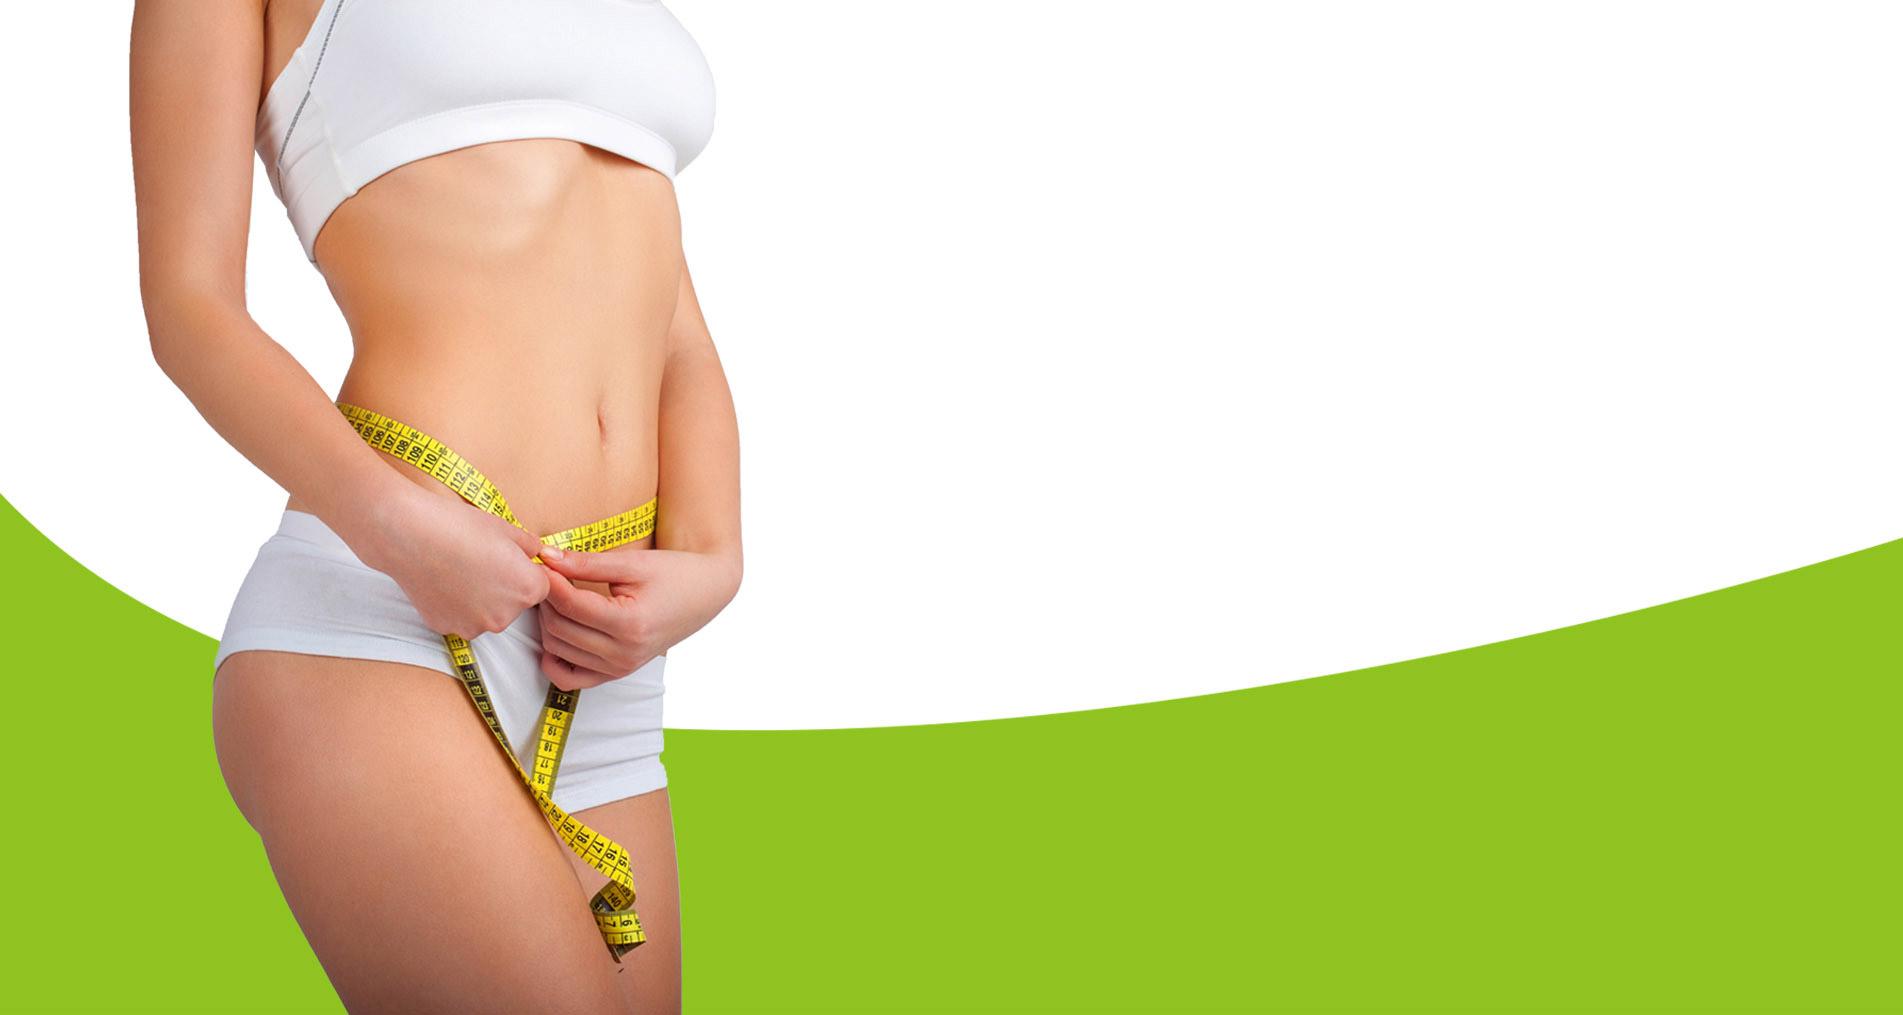 راه های ثابت نگه داشتن وزن